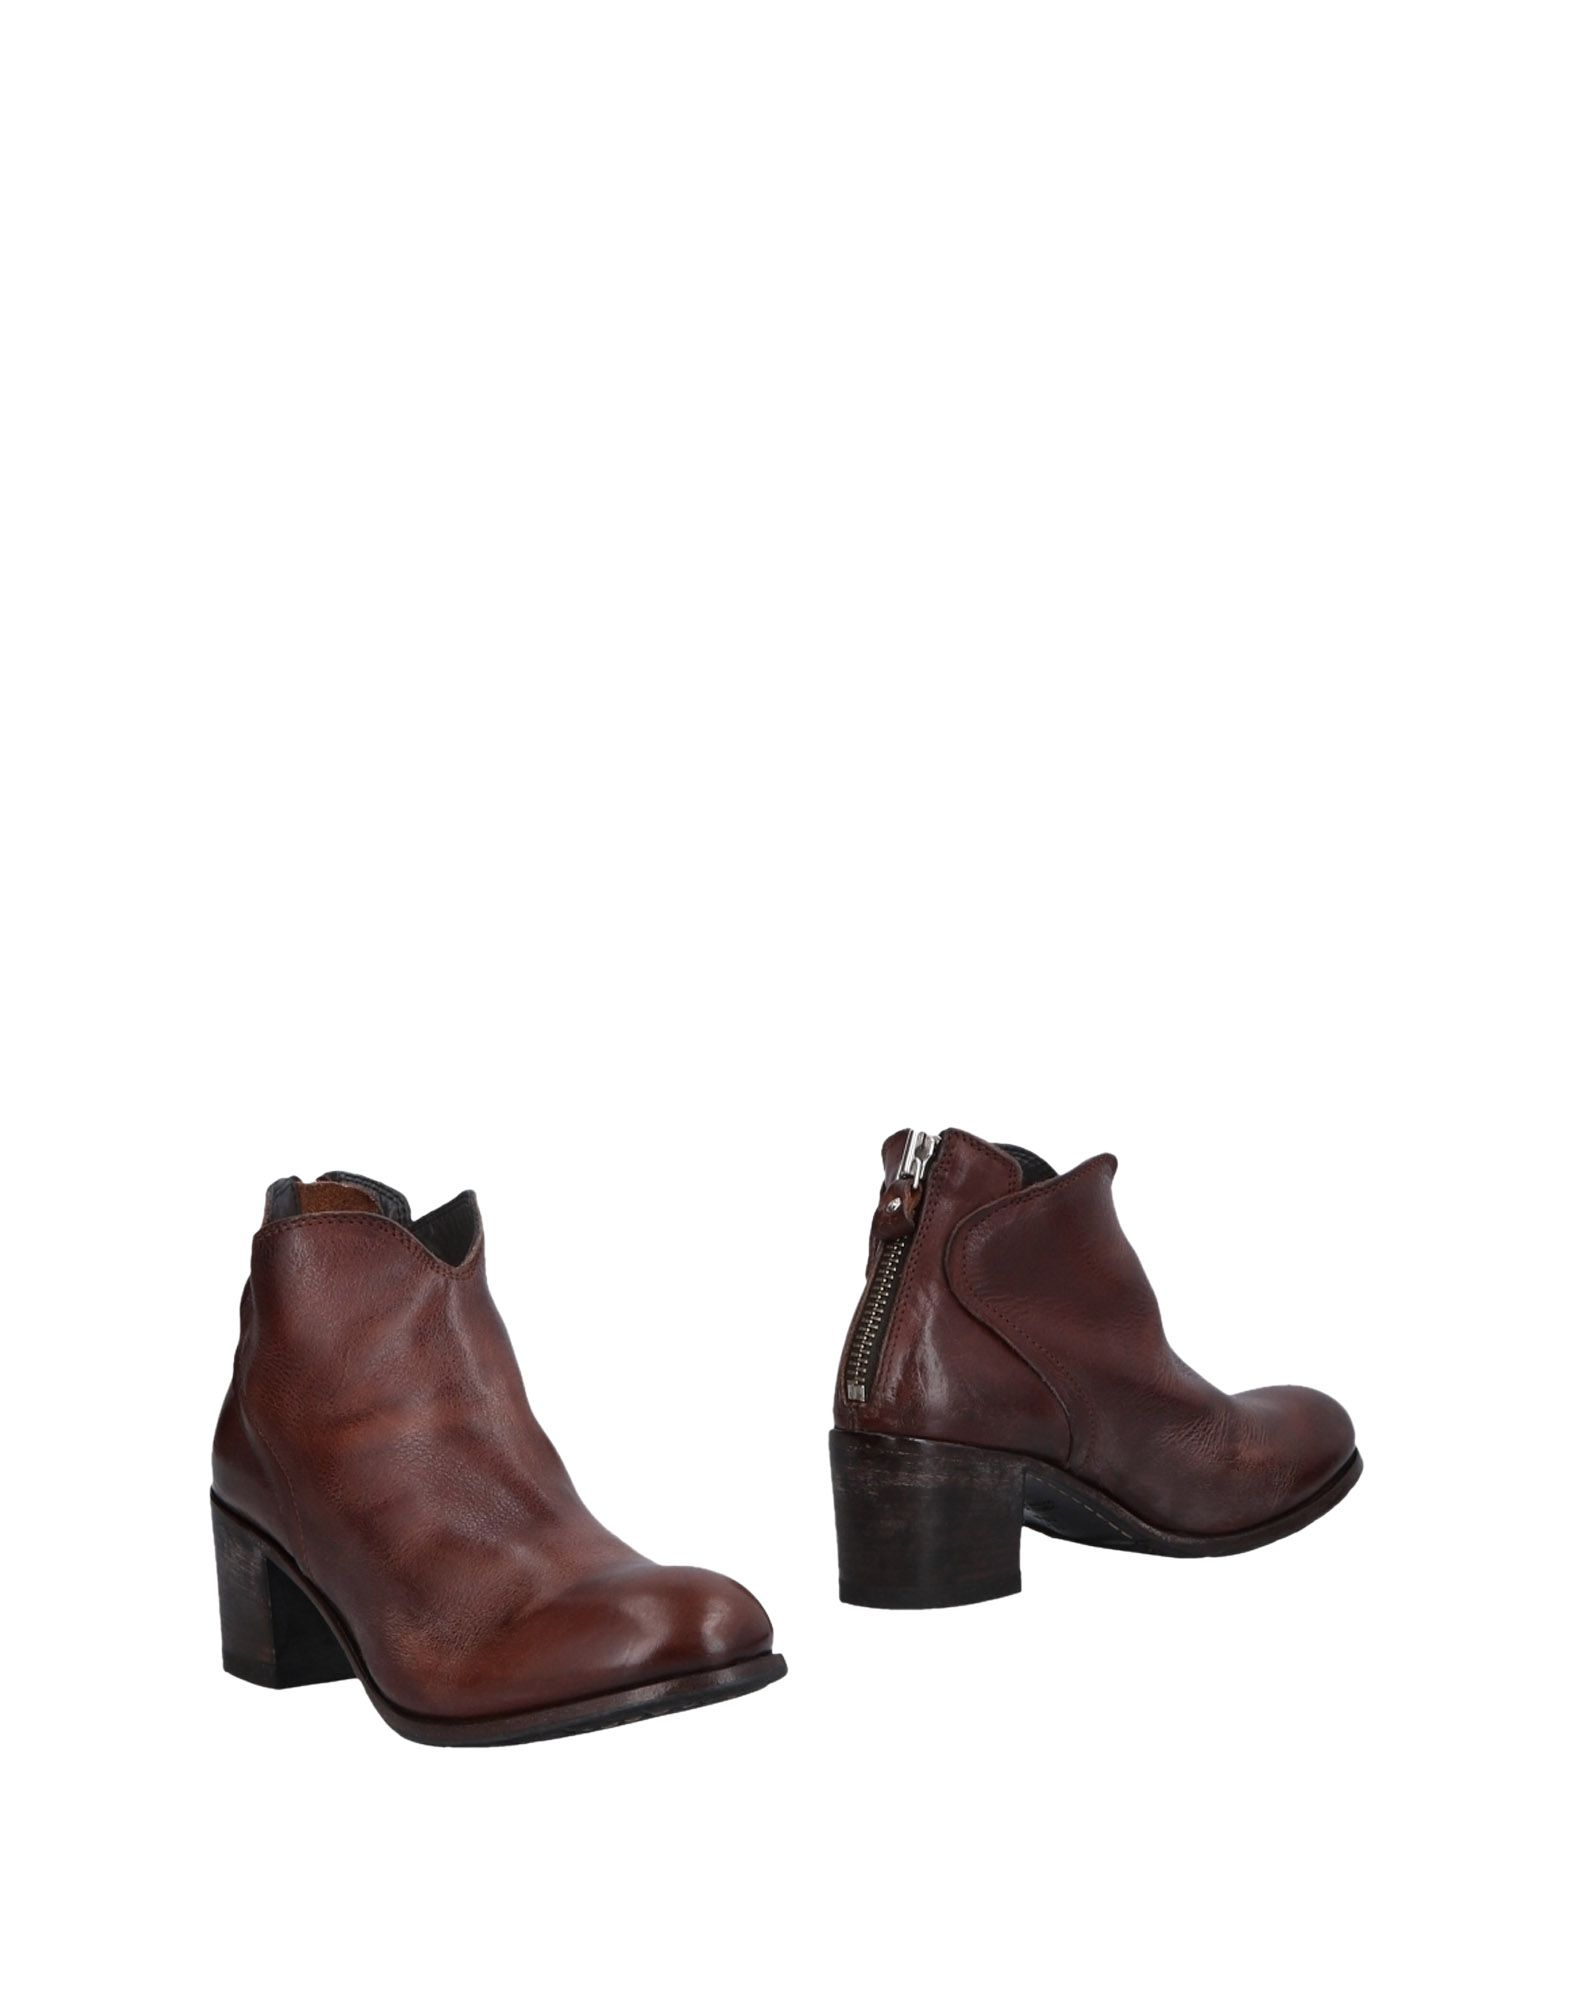 Moma Stiefelette Damen  11475280VXGut aussehende strapazierfähige Schuhe